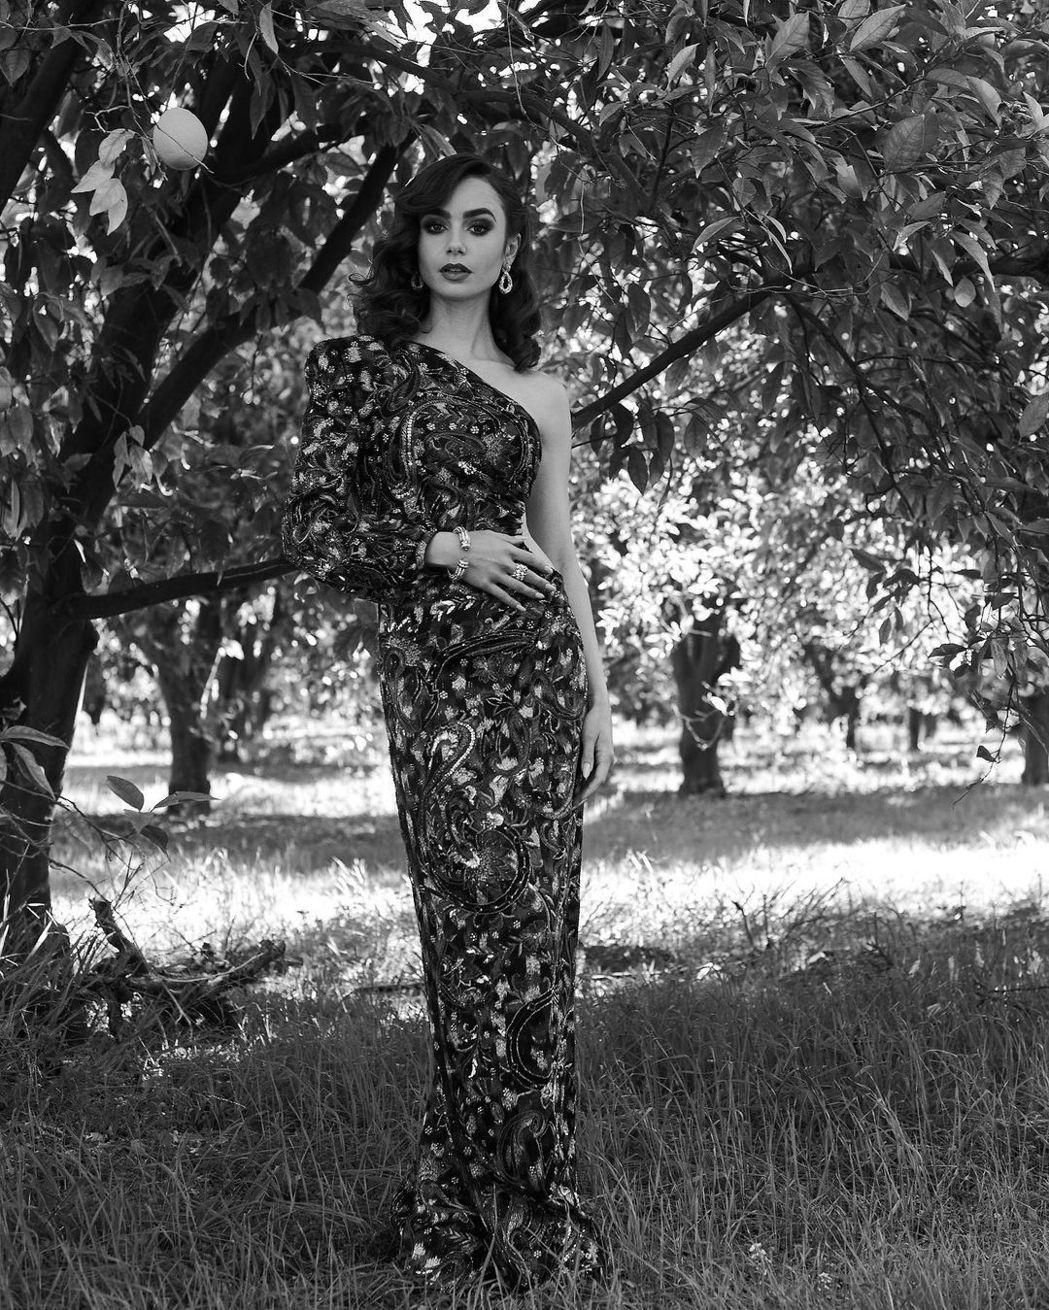 穿上Saint Laurent刺繡禮服的莉莉柯林斯,不對稱的剪裁露單肩和腰部線條...